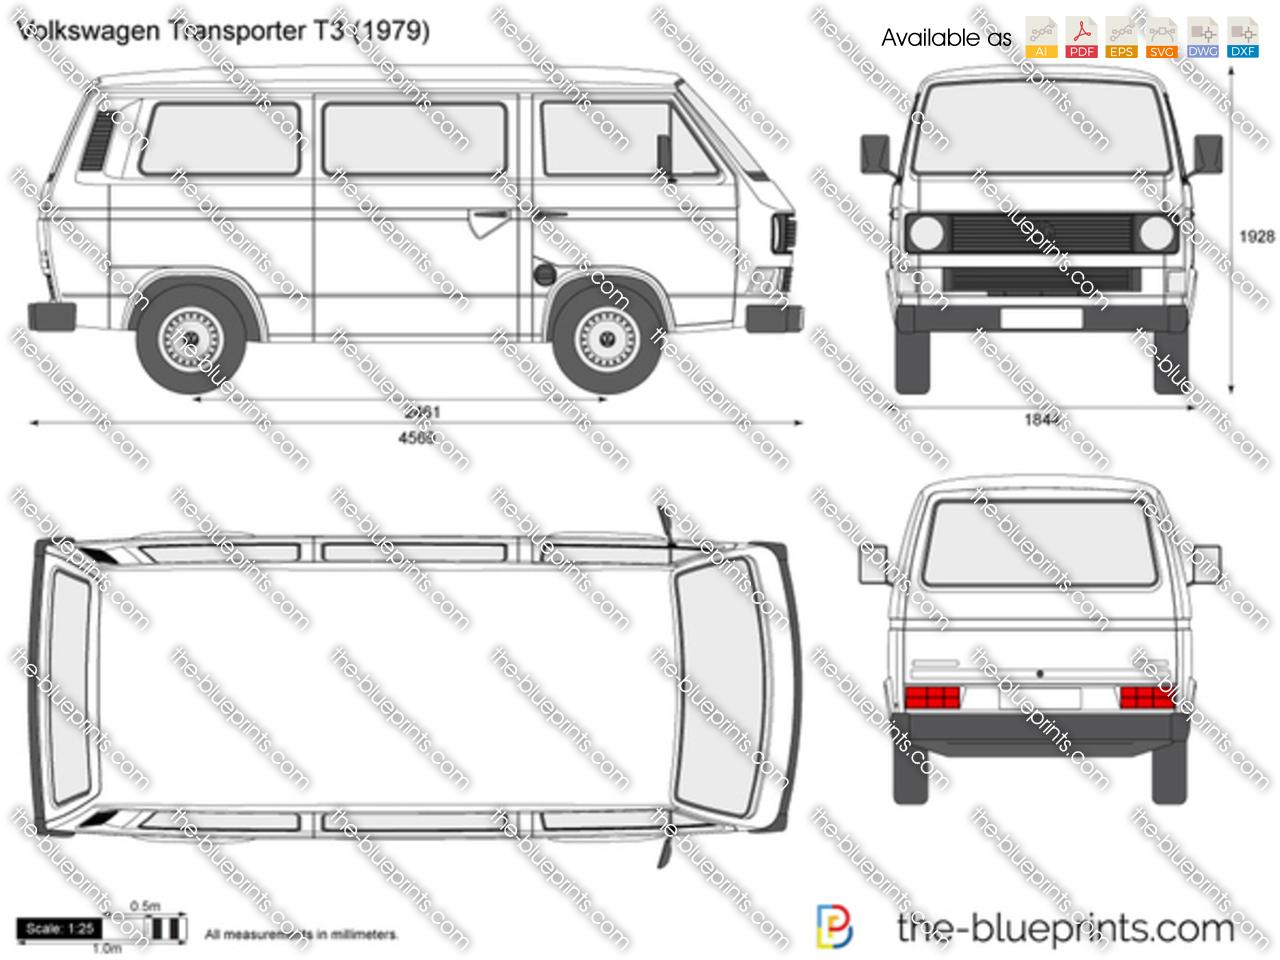 Volkswagen Transporter T3 1981